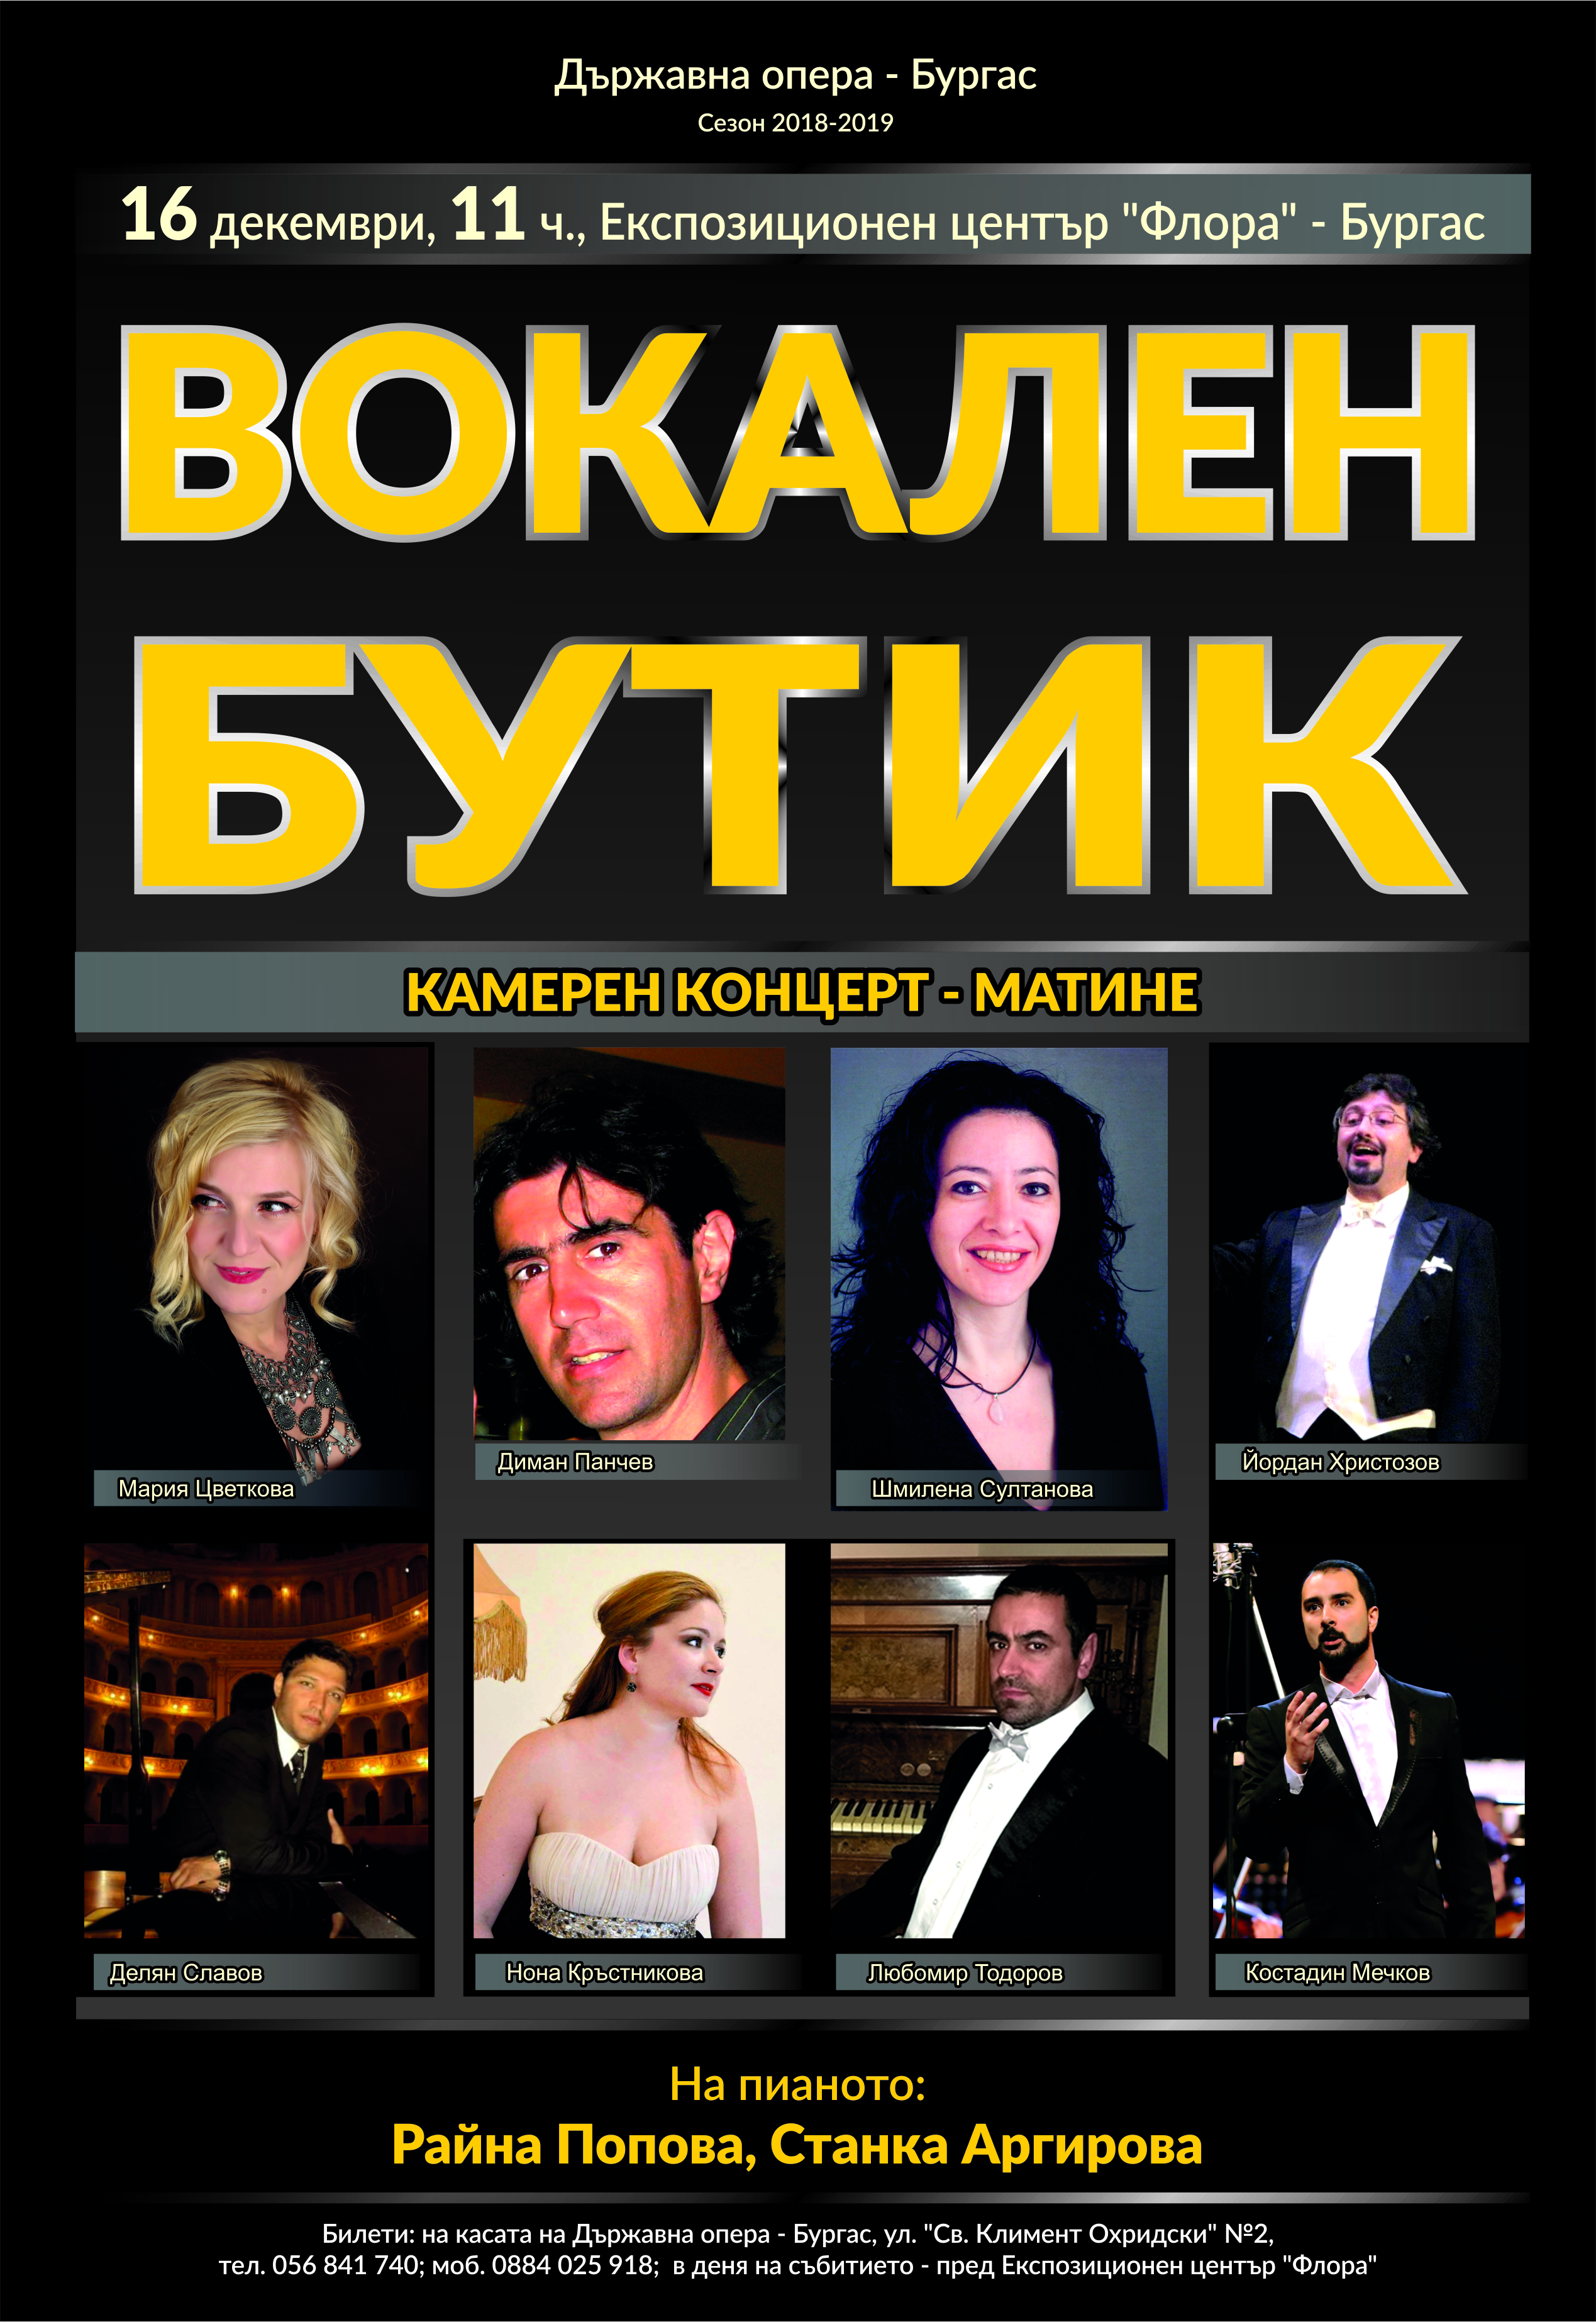 Неделно вокално матине в Бургас